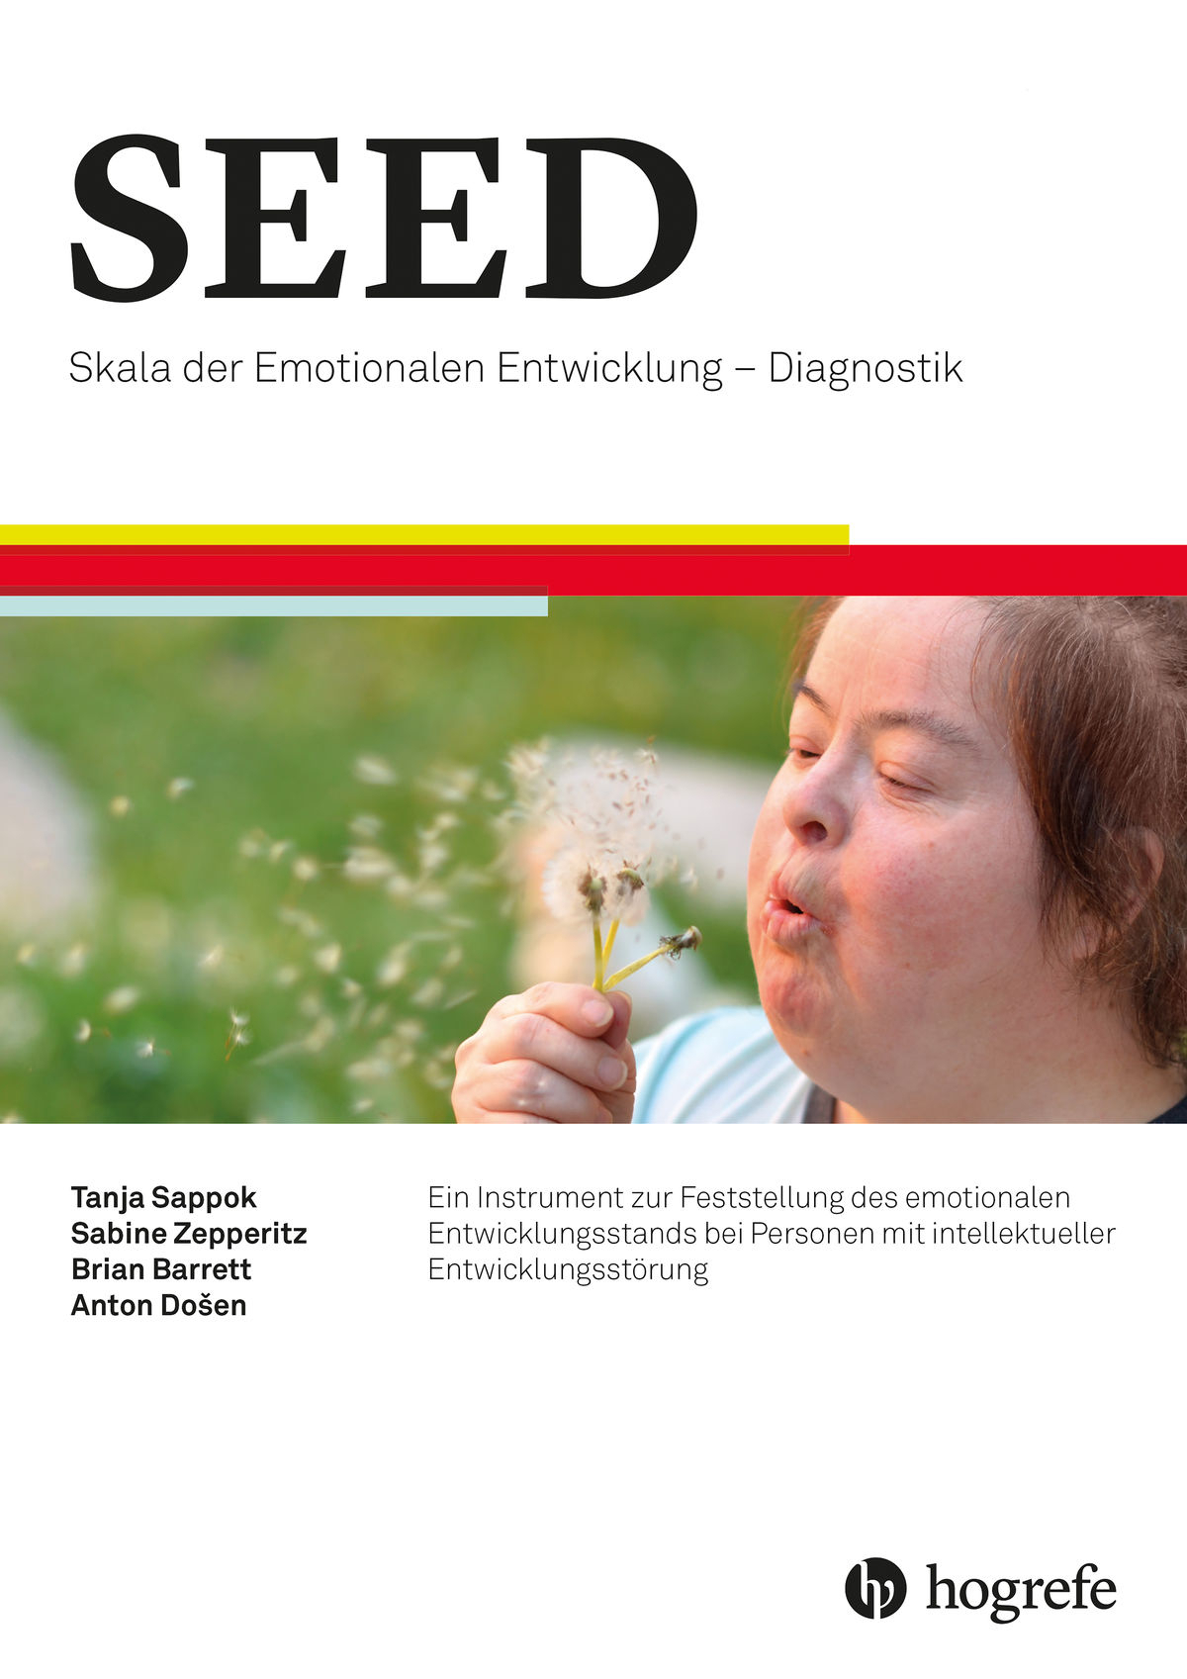 Test komplett bestehend aus Manual, 10 Protokoll- und Profilbogen, Infoblatt Meilensteine der Emotionalen Entwicklung und Box